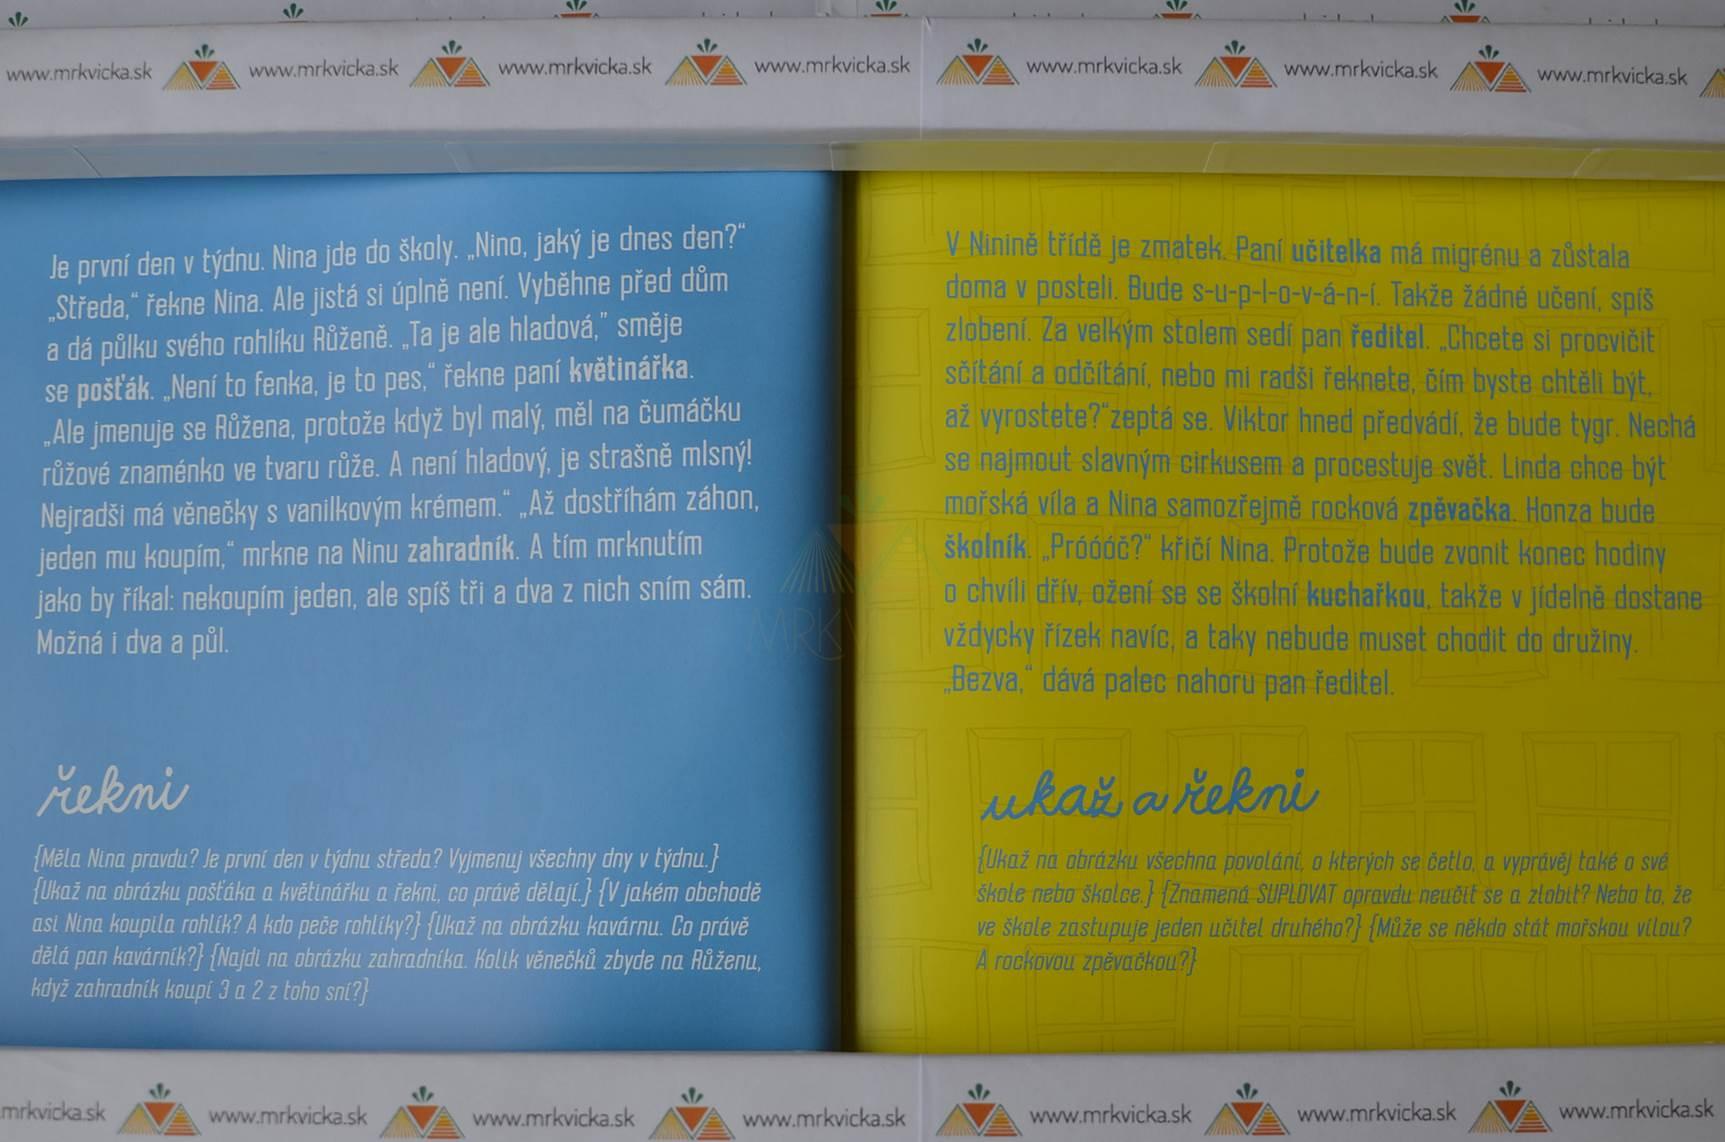 Malá encyklopedie povolání – Nina chce býr rocková zpěvačka